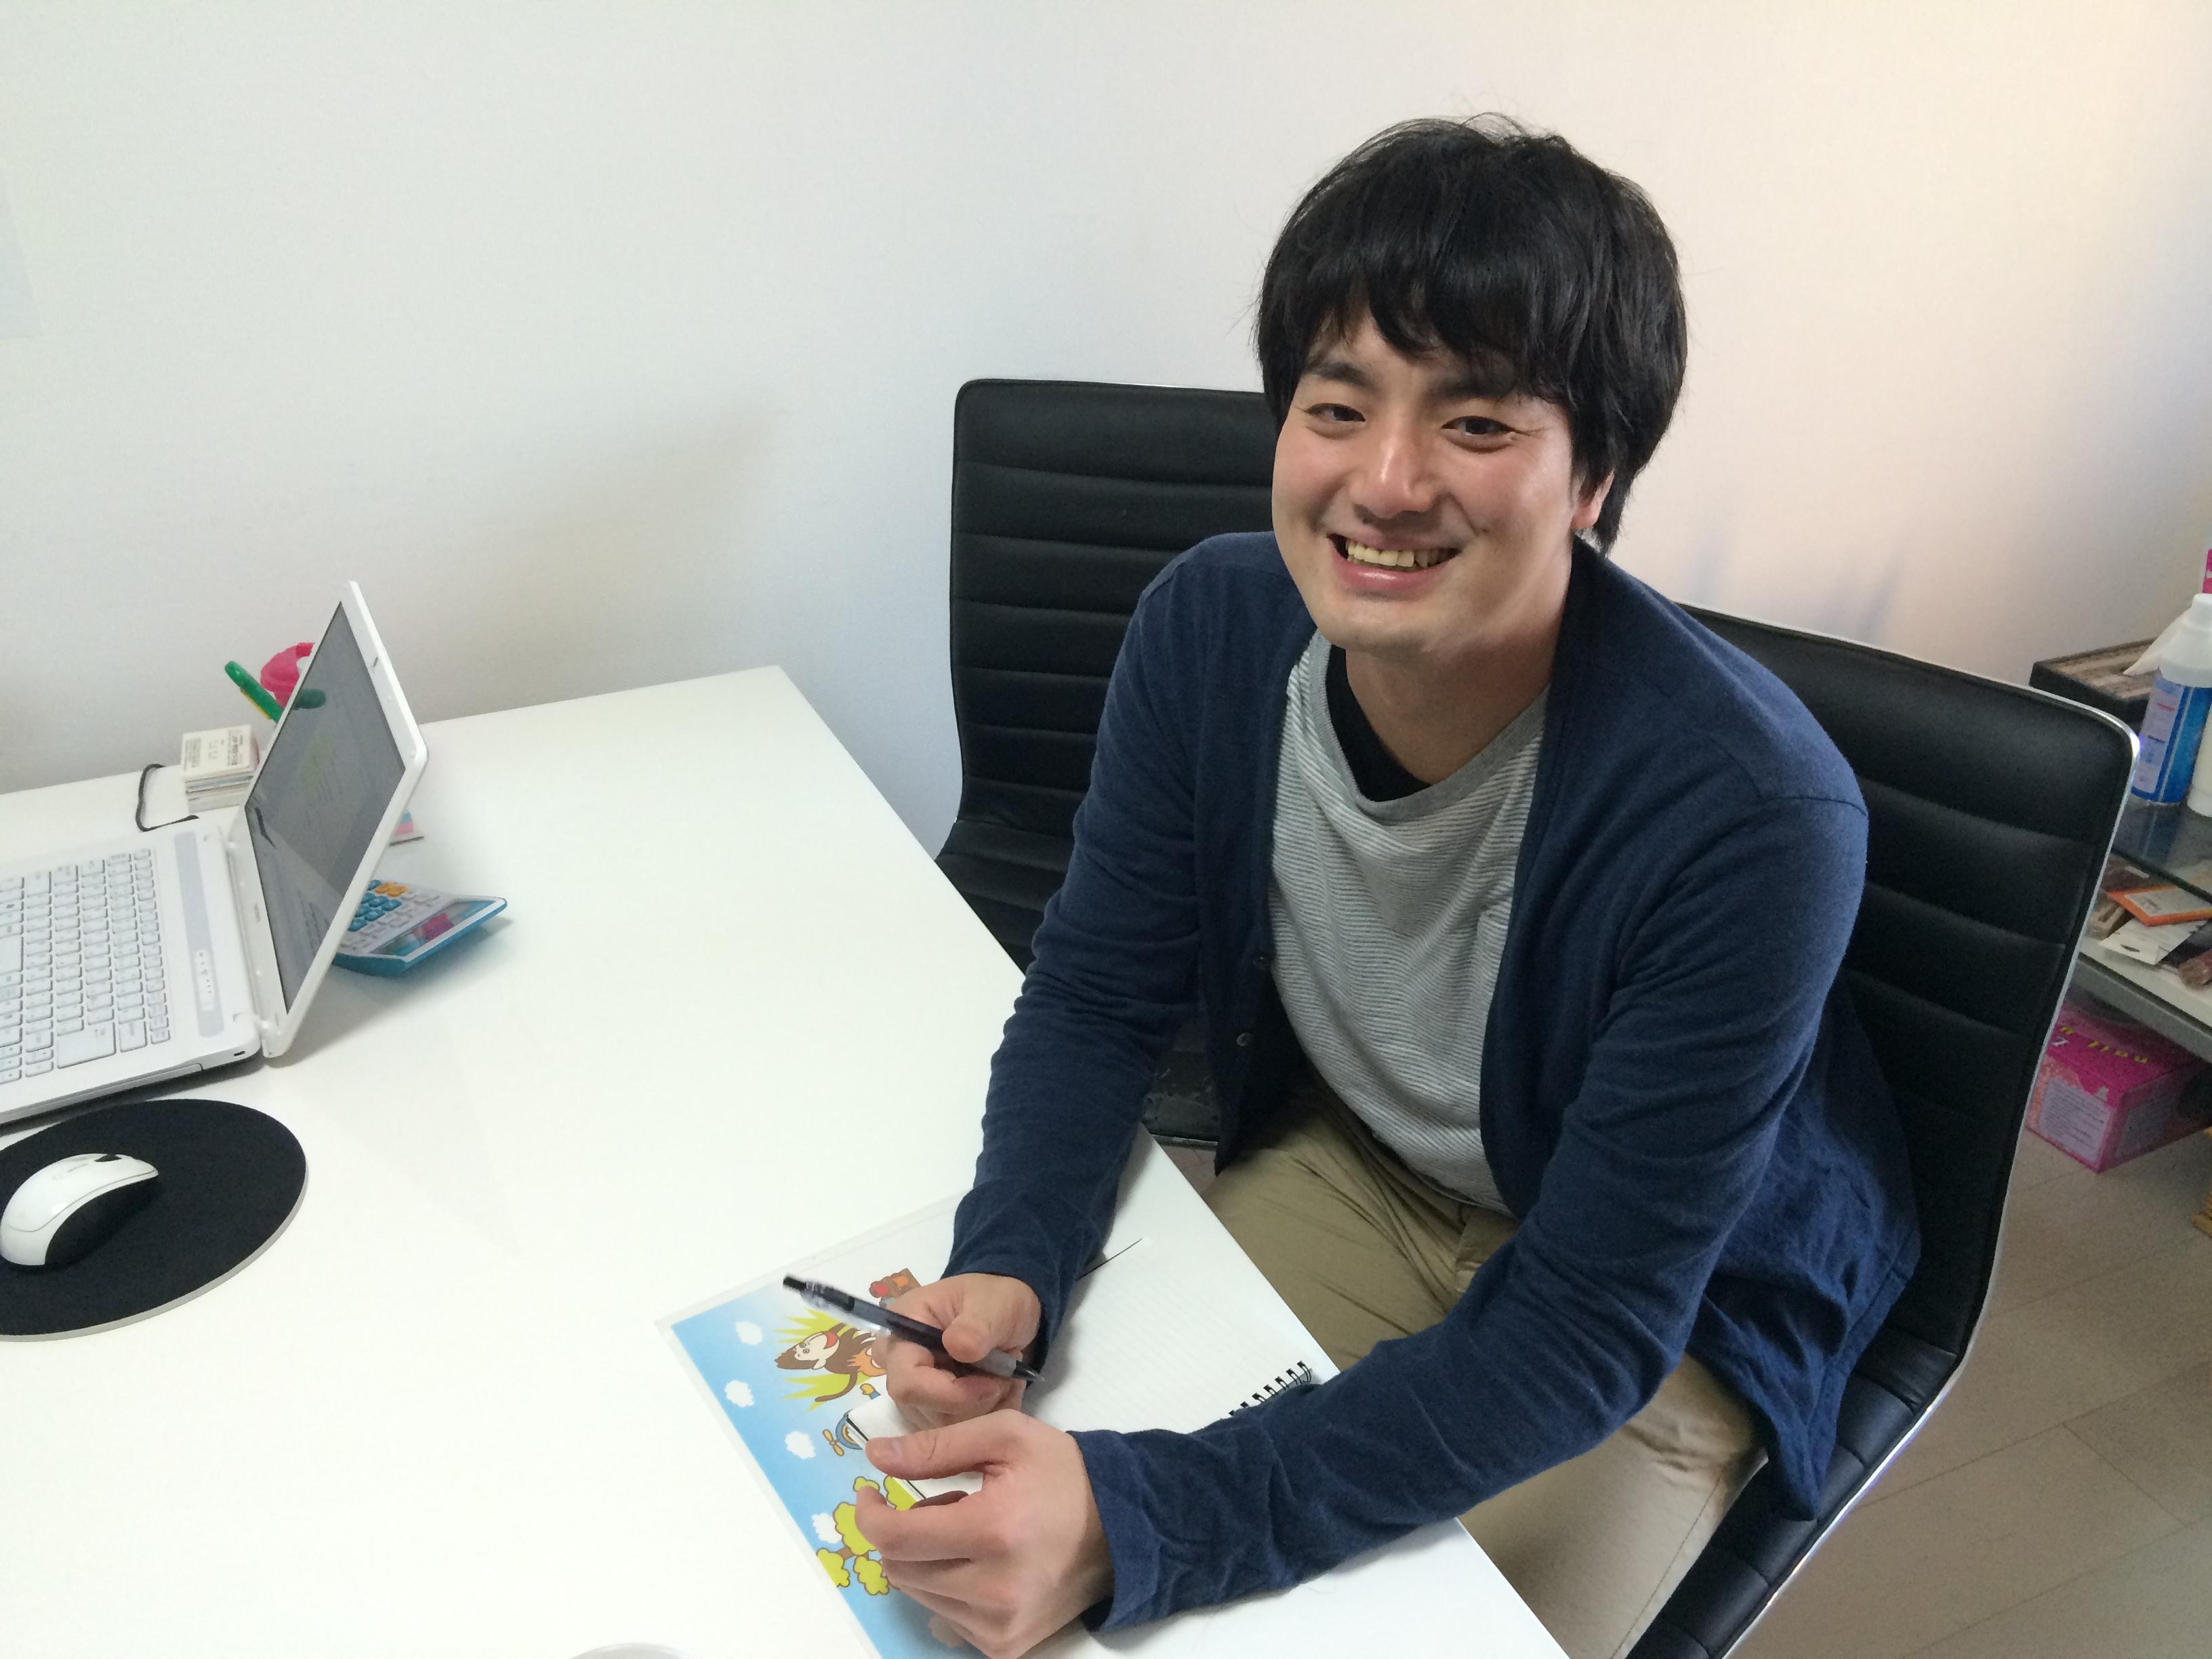 Masayuki Asano